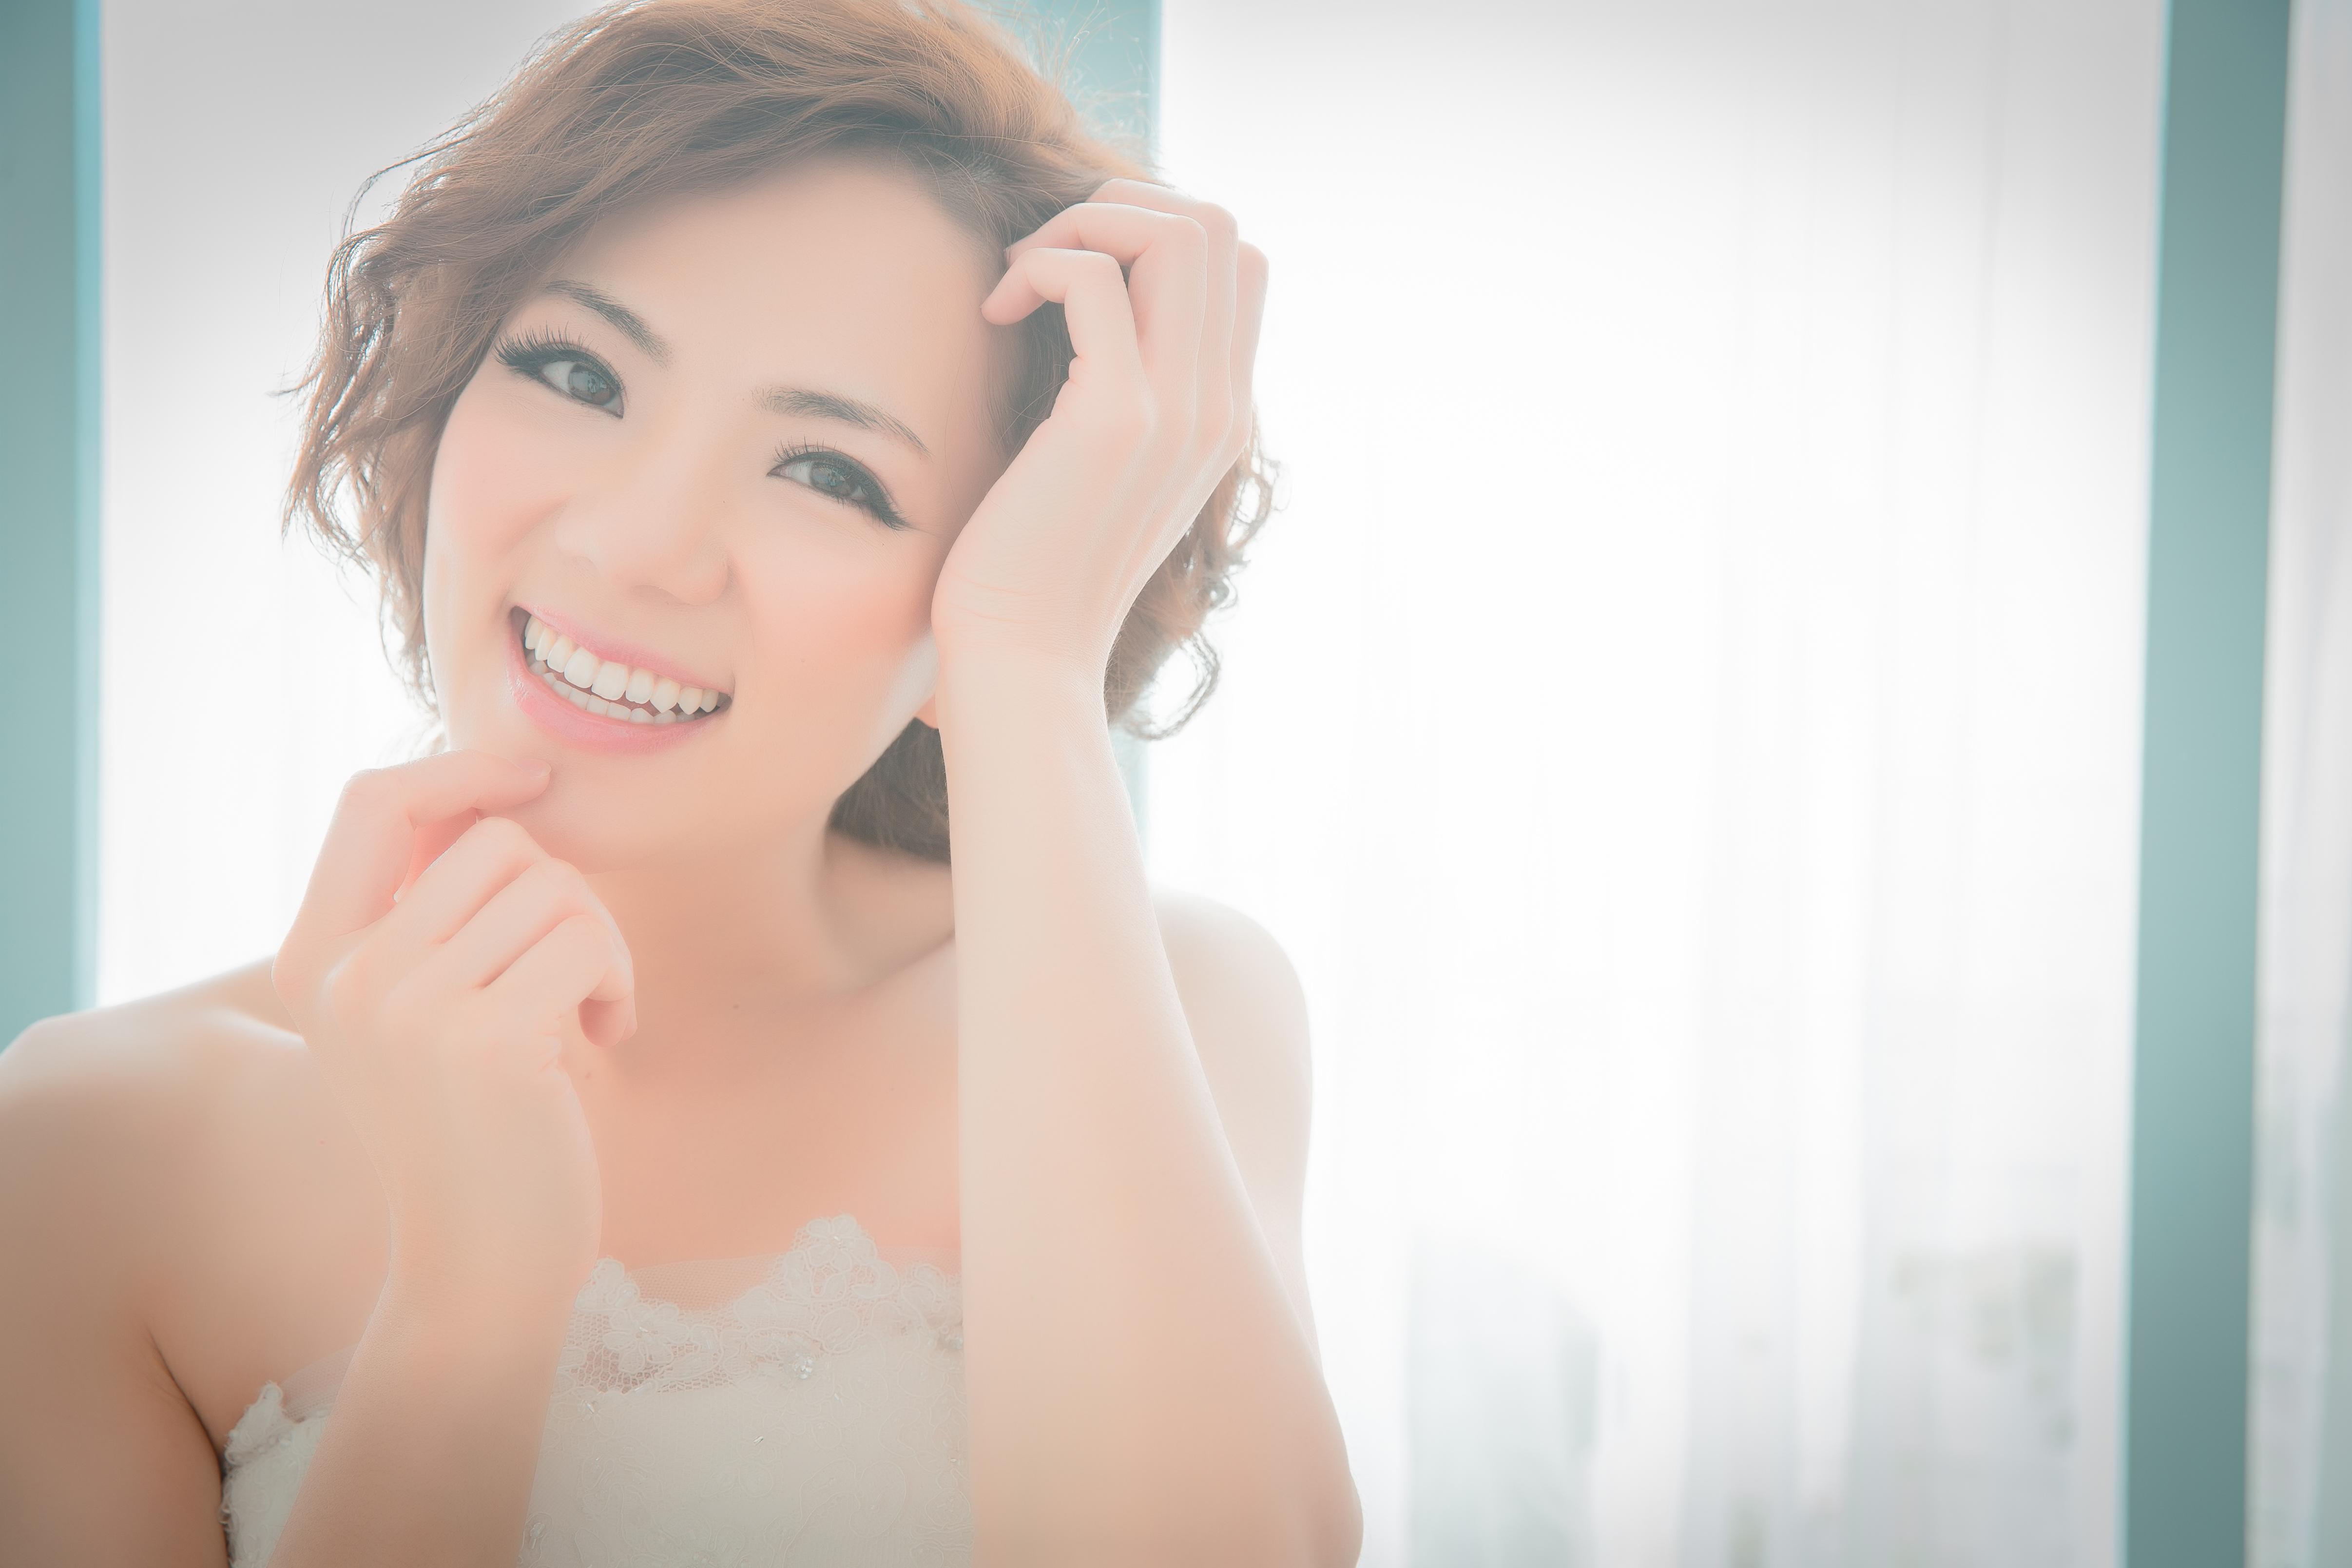 婚紗照與婚紗攝影的重要性